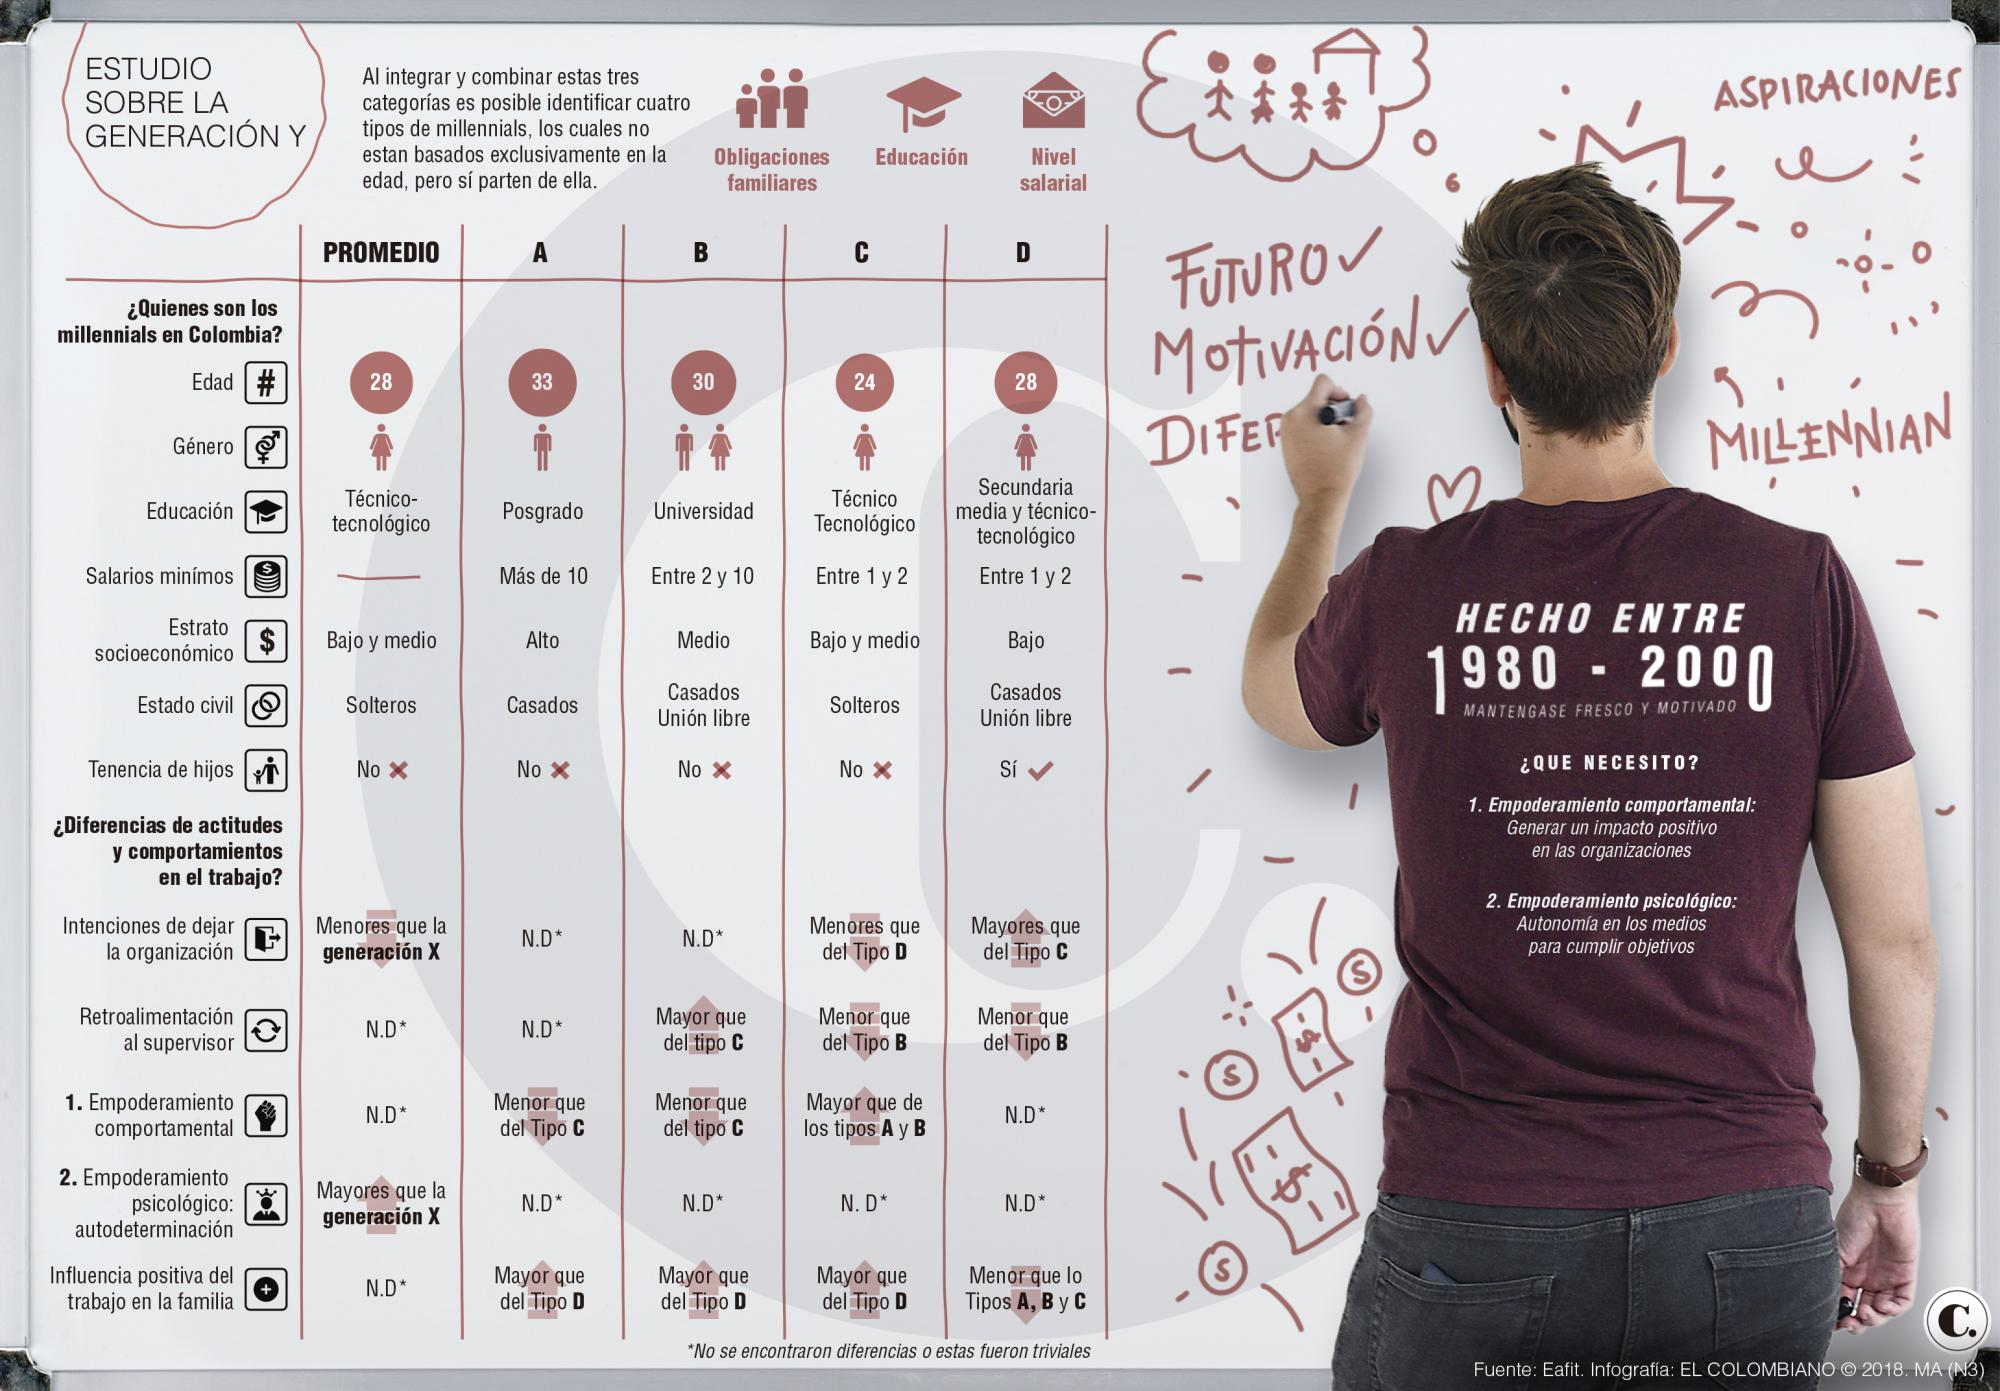 Millennials en Colombia, según Eafit